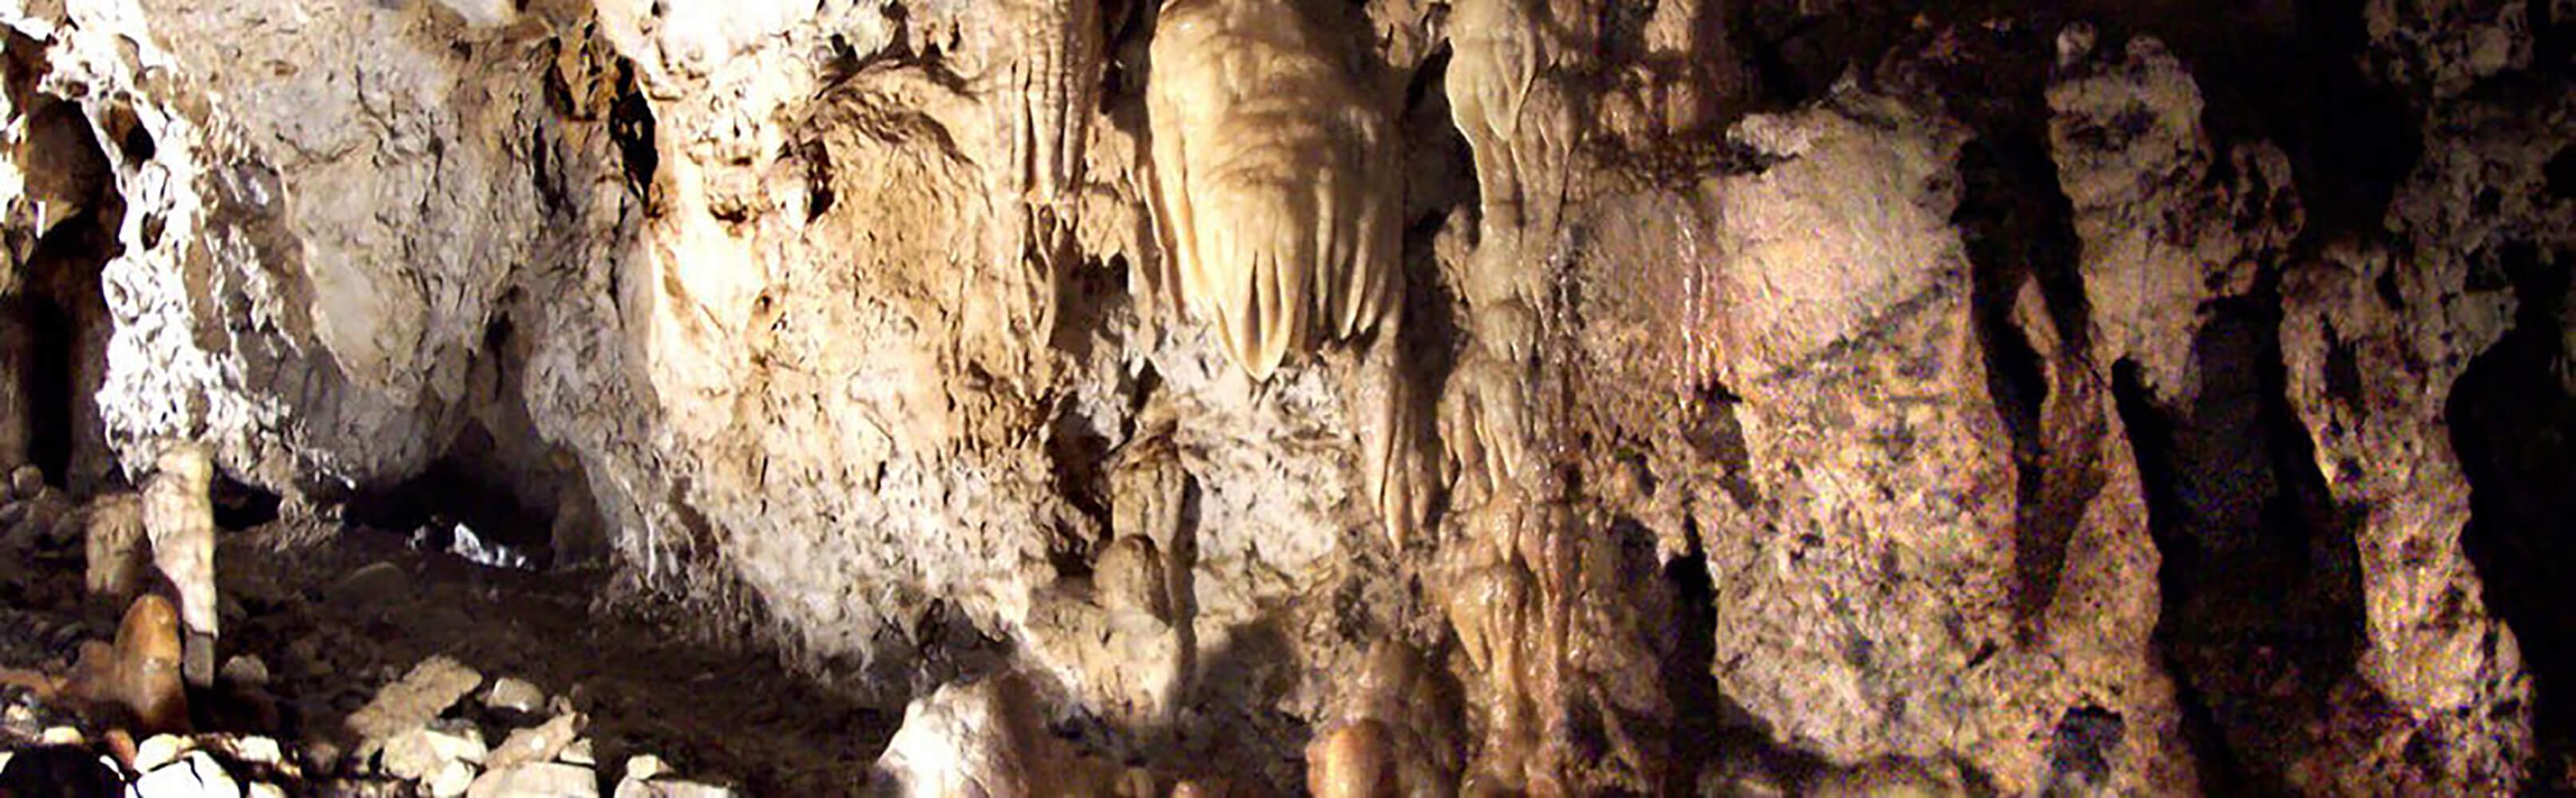 Demänováer Freiheitshöhle 1